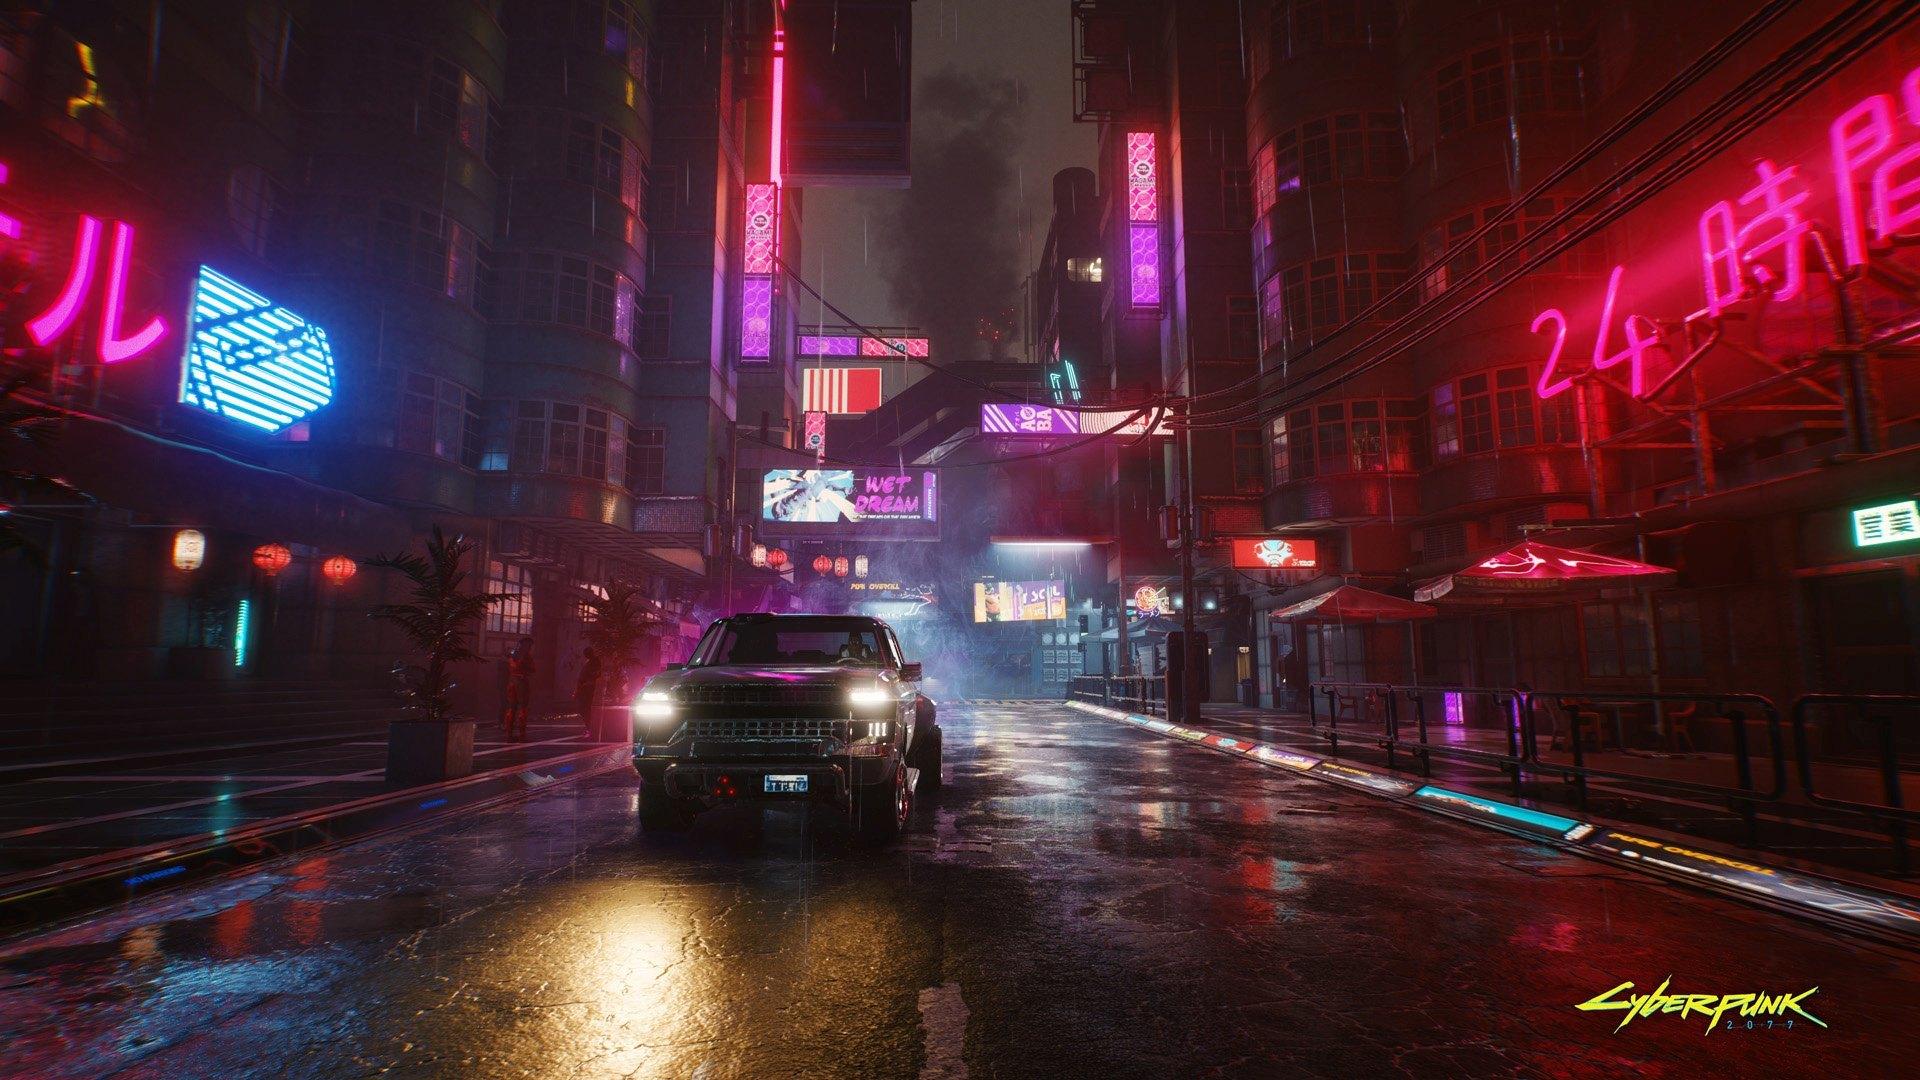 Cyberpunk 2077 prometía una ciudad futurista con alto nivel de detalle